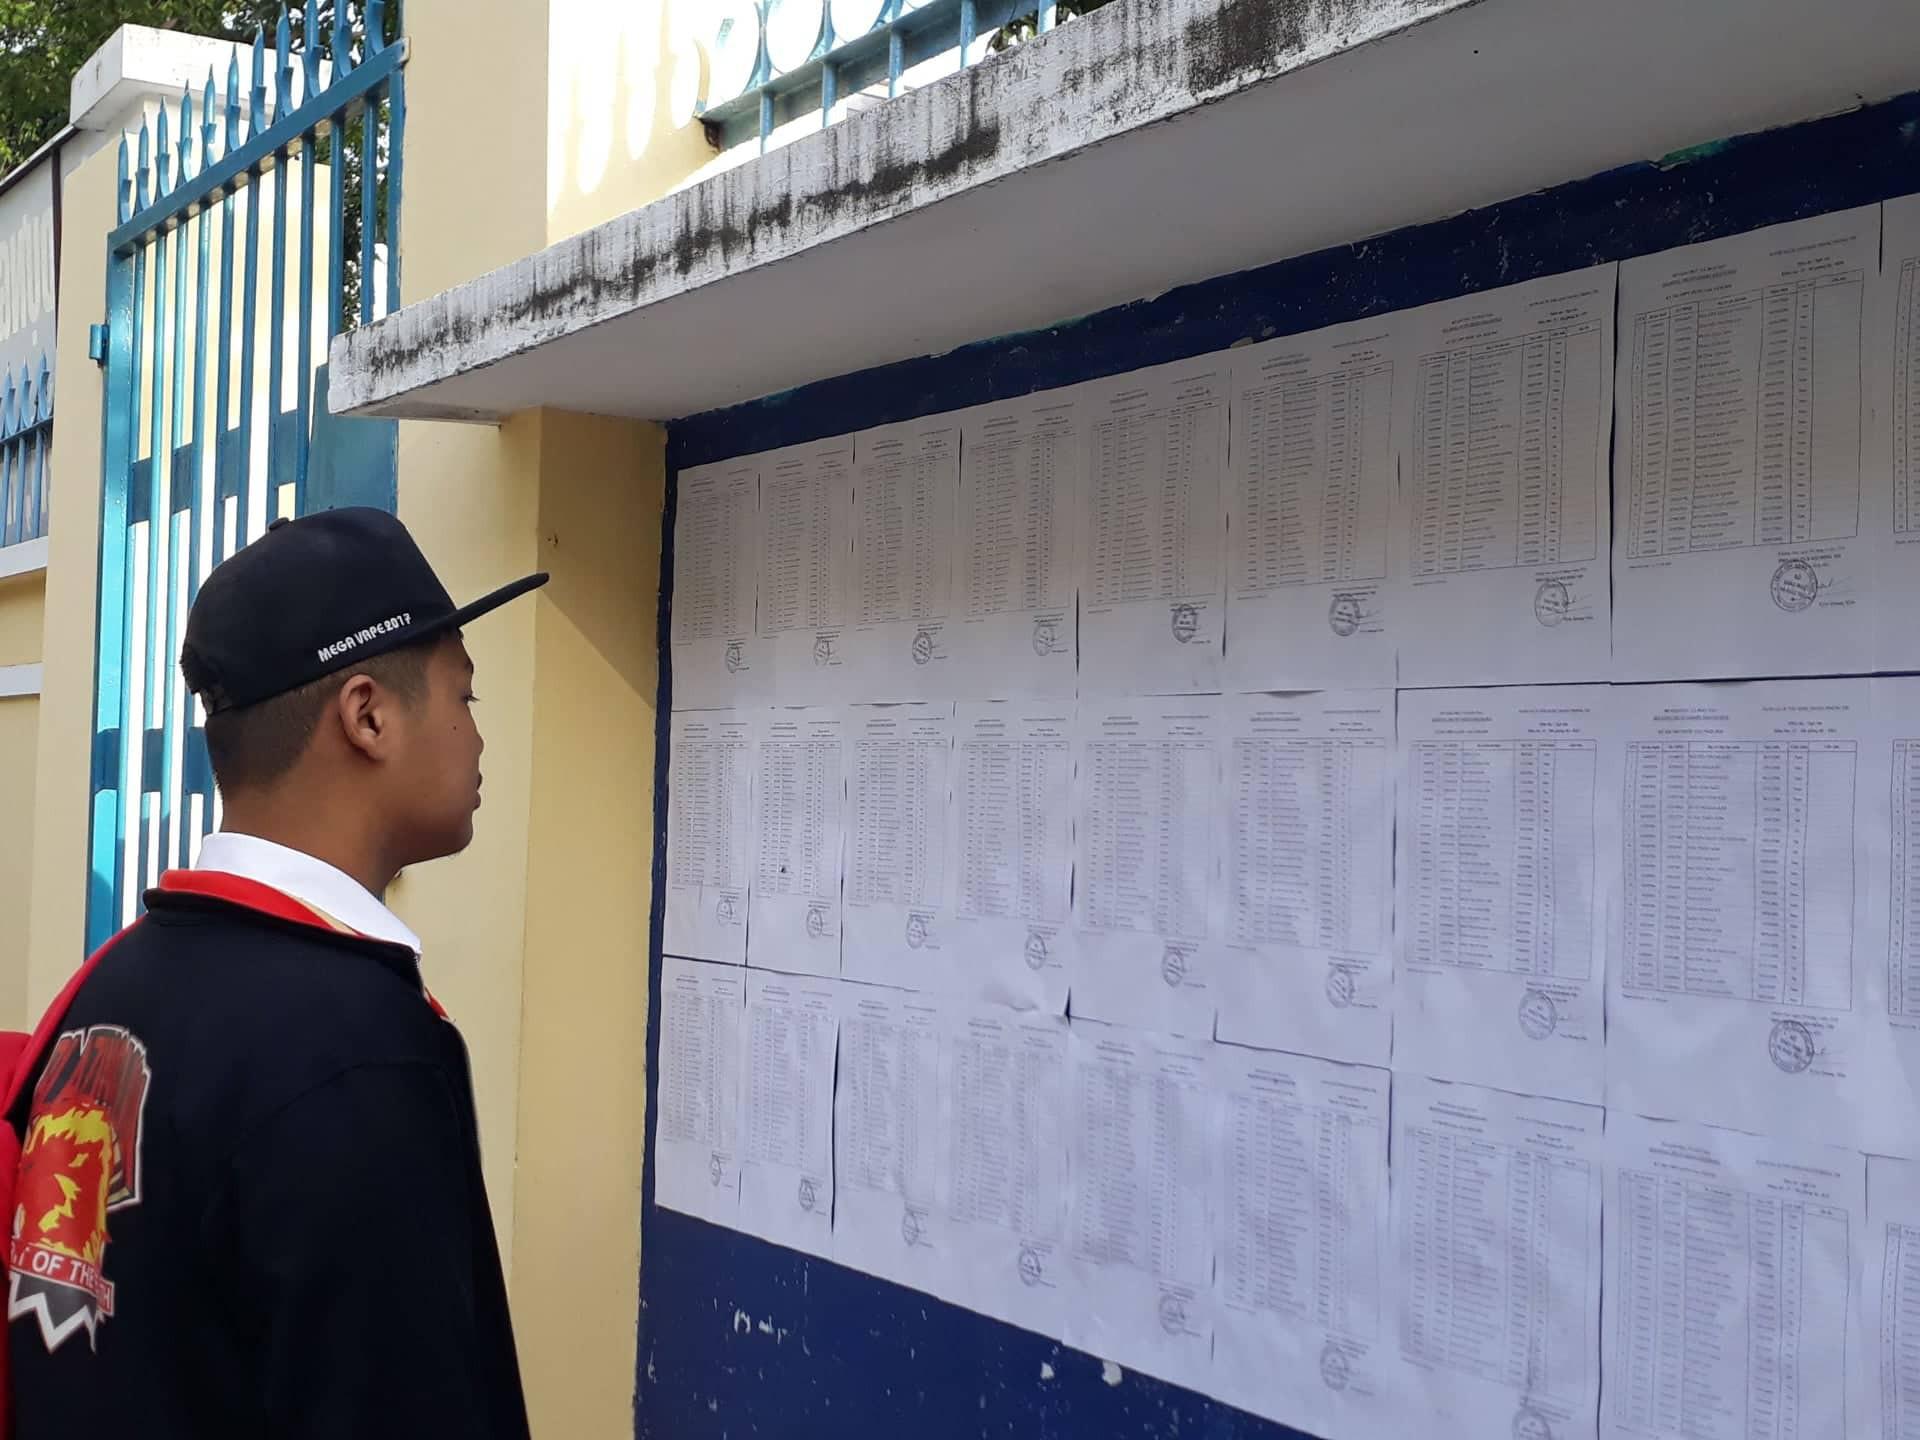 Khánh Hòa: Sau 6 năm xét tuyển, hơn 13.500 thí sinh sẽ dự thi vào lớp 10   - Ảnh 1.